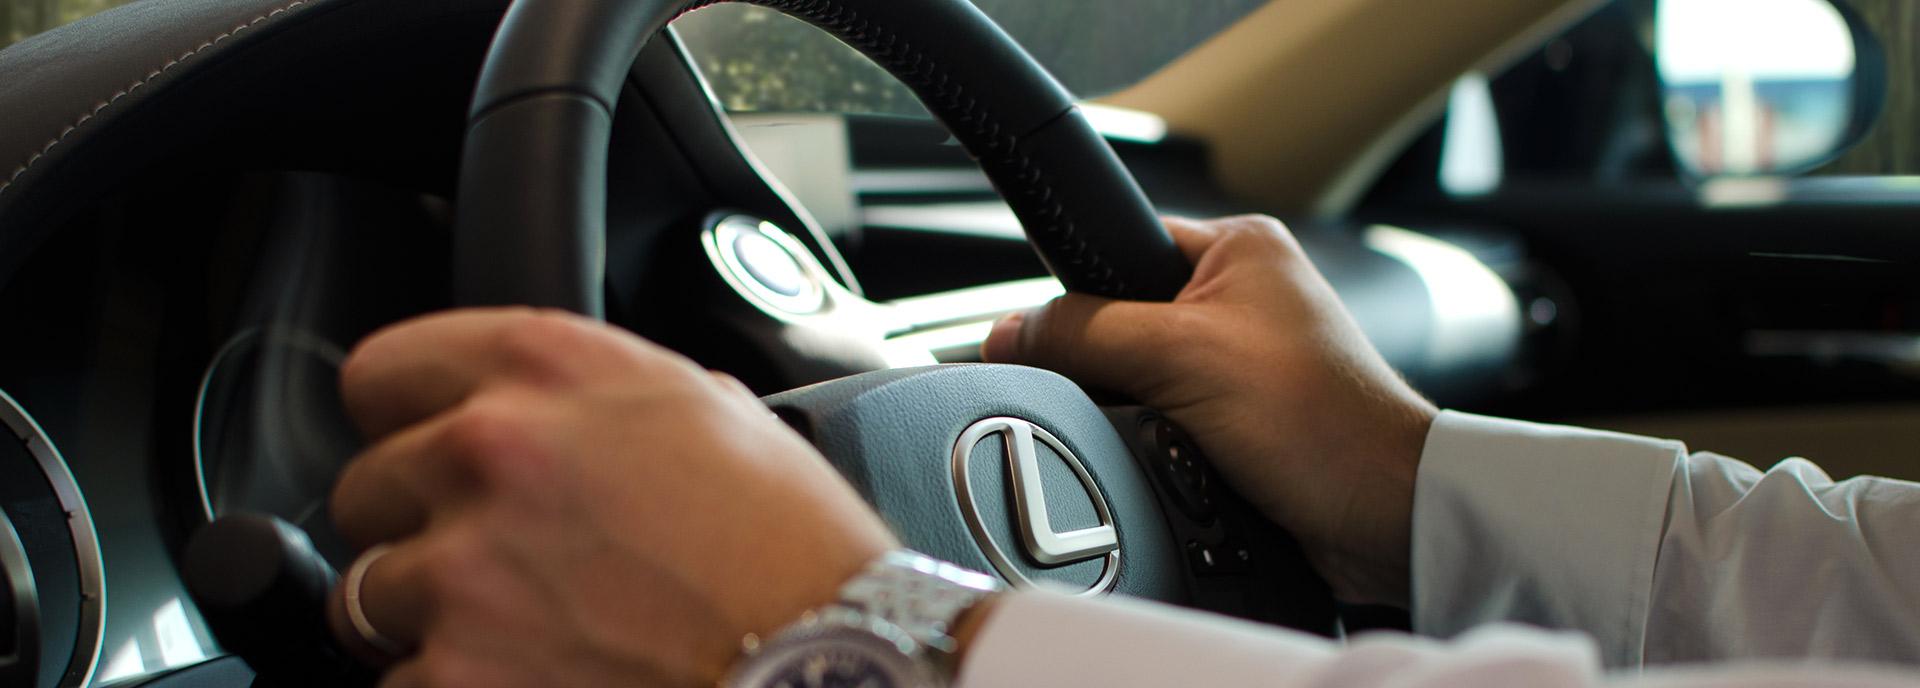 Zakenman met een Lexus stuur in zijn handen